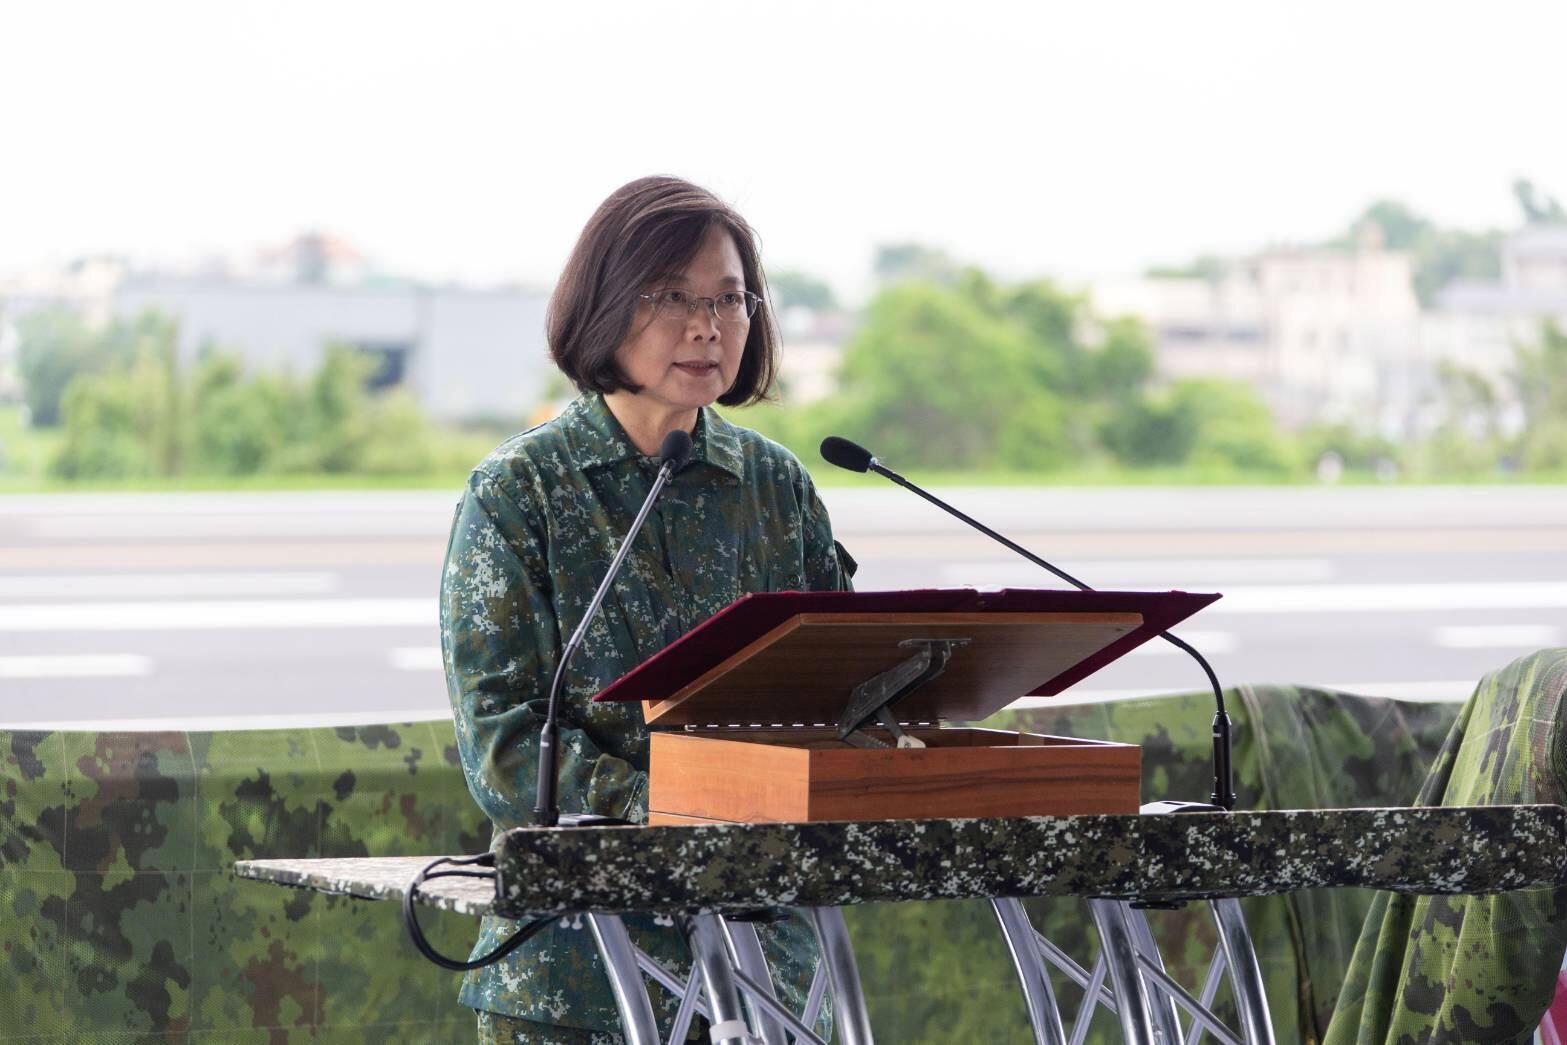 Tổng thống Thái Anh Văn phát biểu tại một cuộc tập trận ở Chương Hóa ngày 28/05/2019  tại Đài Loan, mô phỏng một cuộc xâm lăng của Trung Quốc.